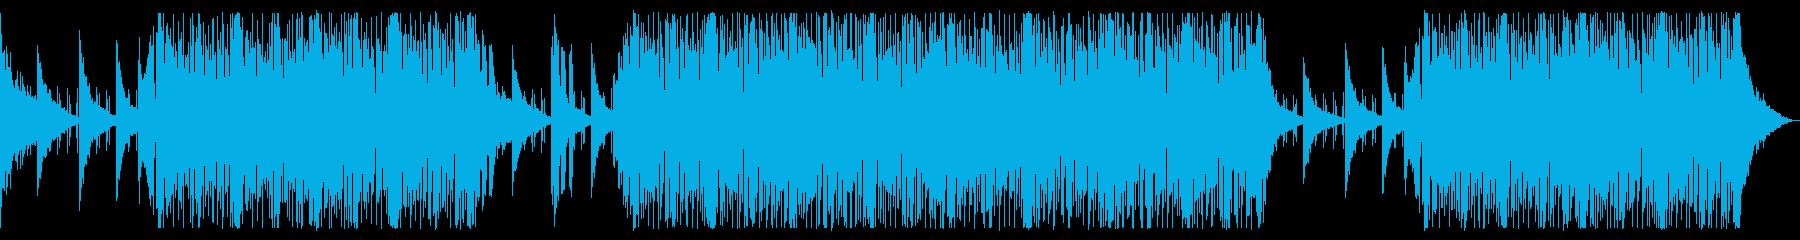 疾走感がある爽やかなドラムンベースの再生済みの波形